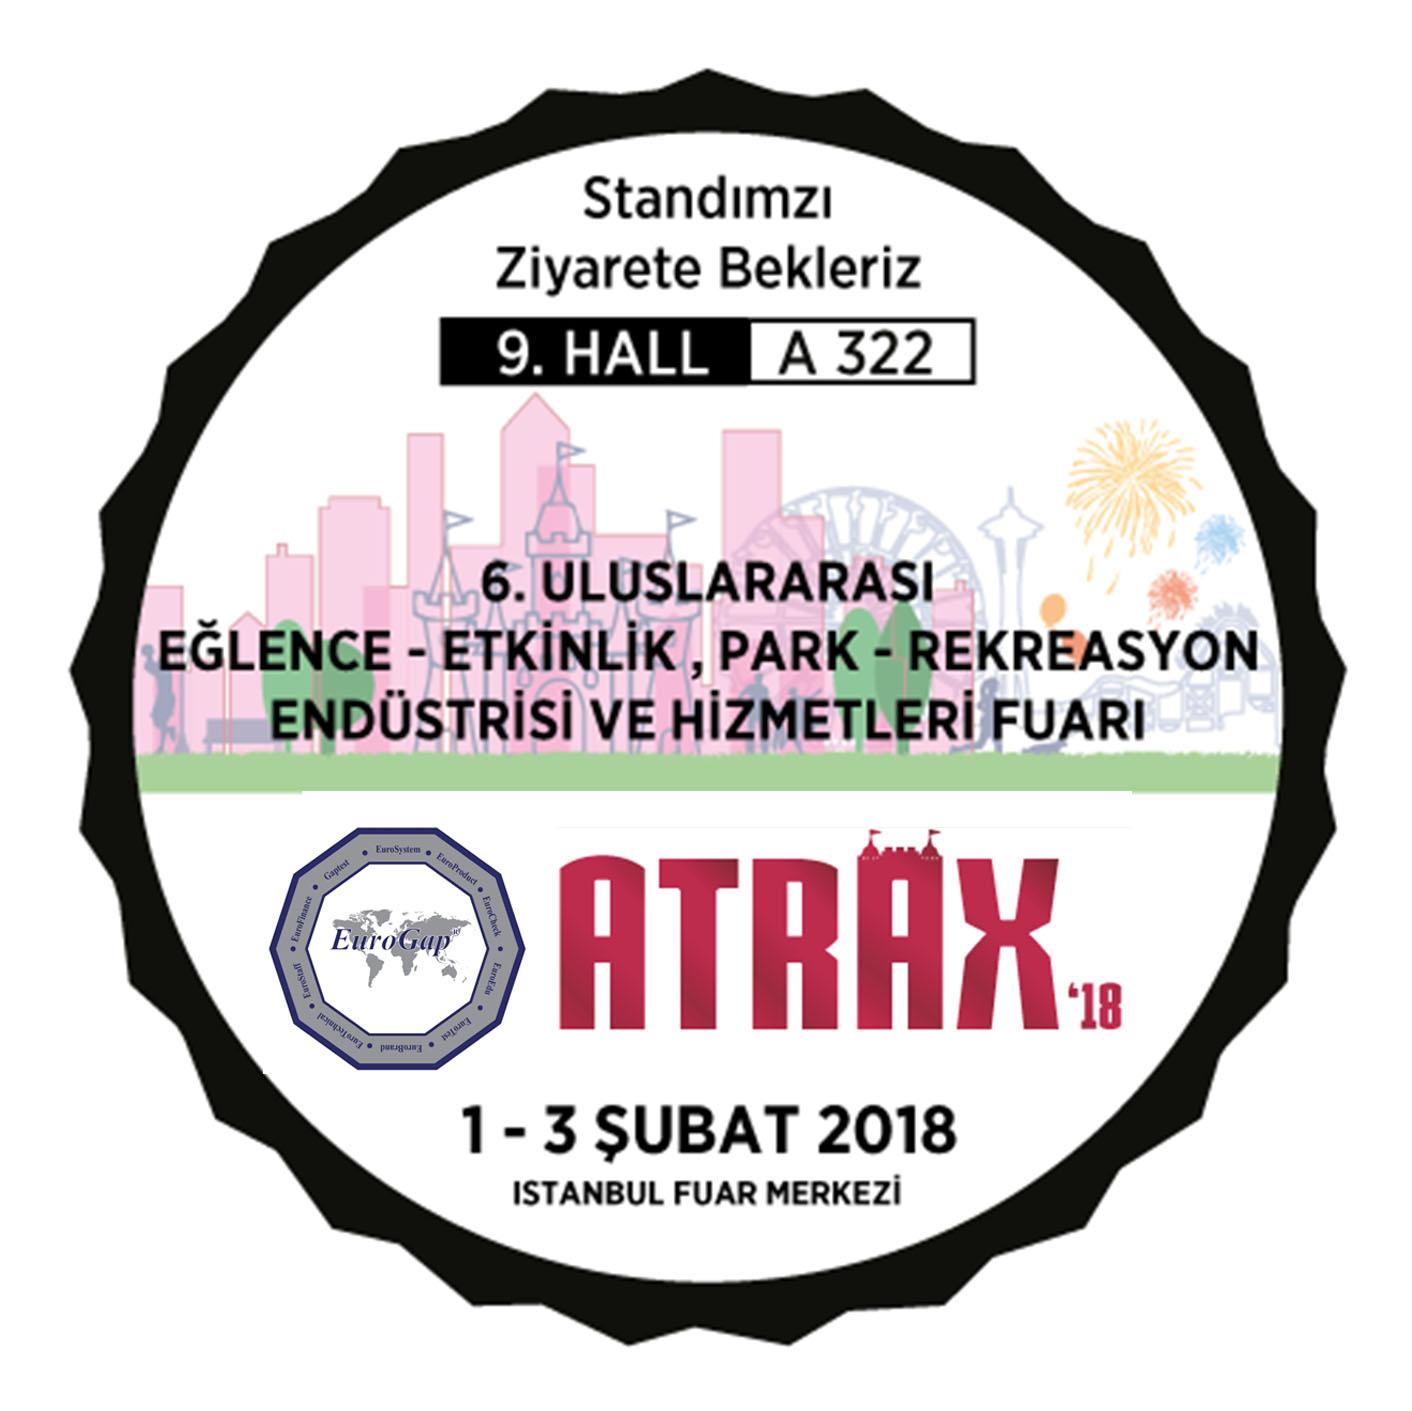 1-3 Şubat Tarihlerinde 18. ATRAX Fuarına Katılıyoruz.